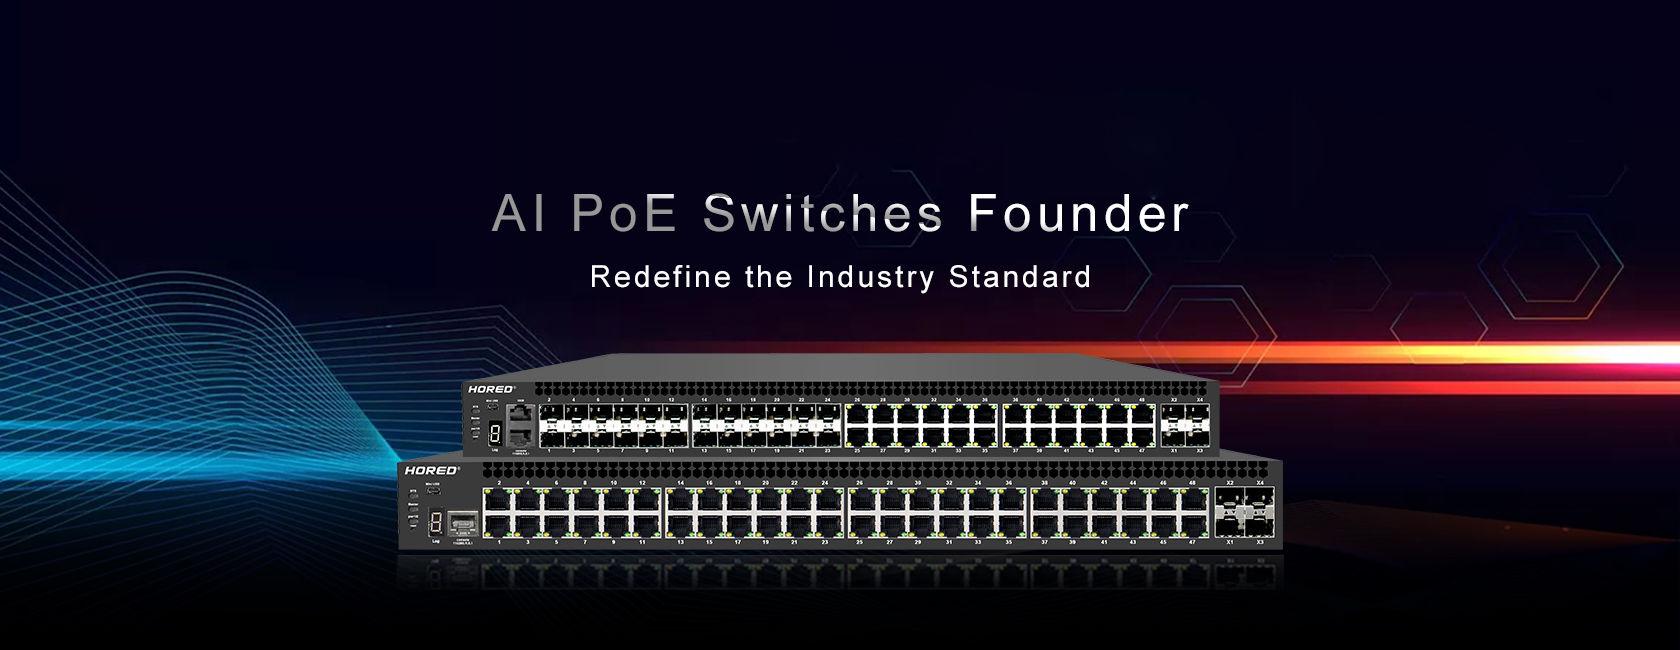 مشاهده محصولات سوئیچ شبکه POE